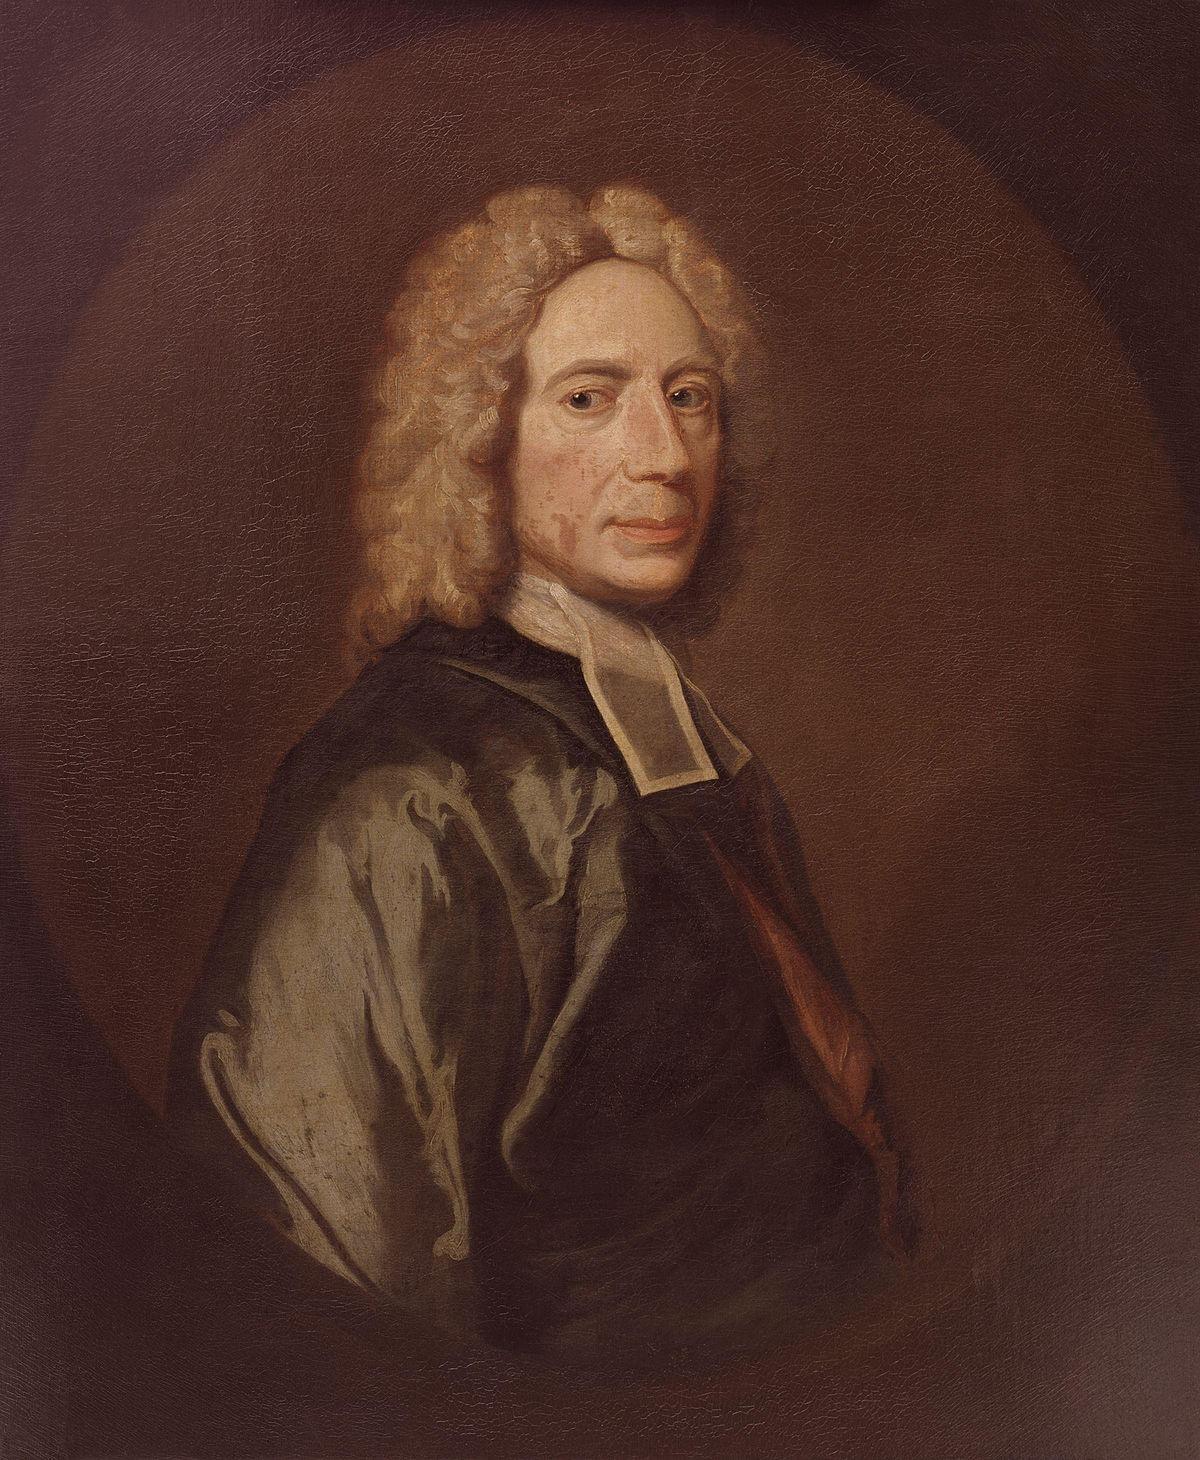 Doctor Watts Hymns : doctor, watts, hymns, Isaac, Watts, Wikipedia